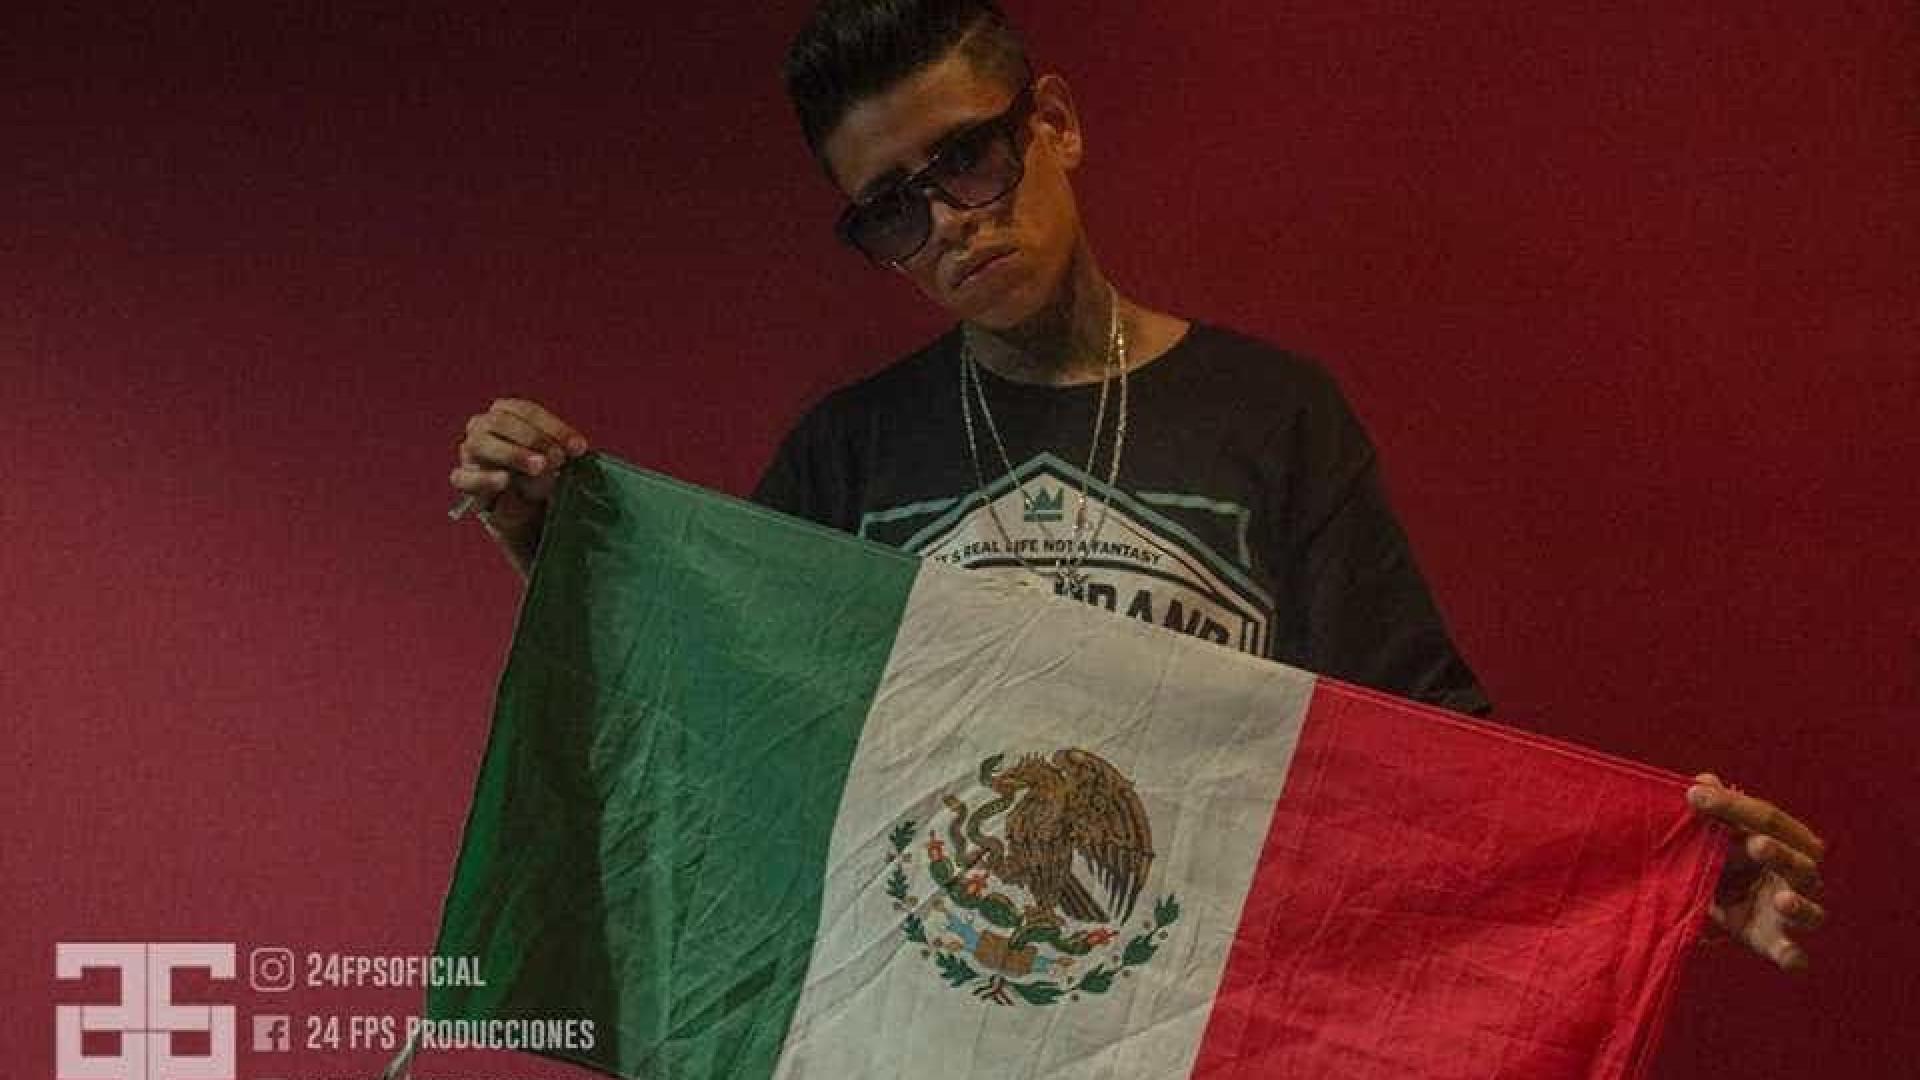 Rapper mexicano confessa ter dissolvido corpos de estudantes em ácido